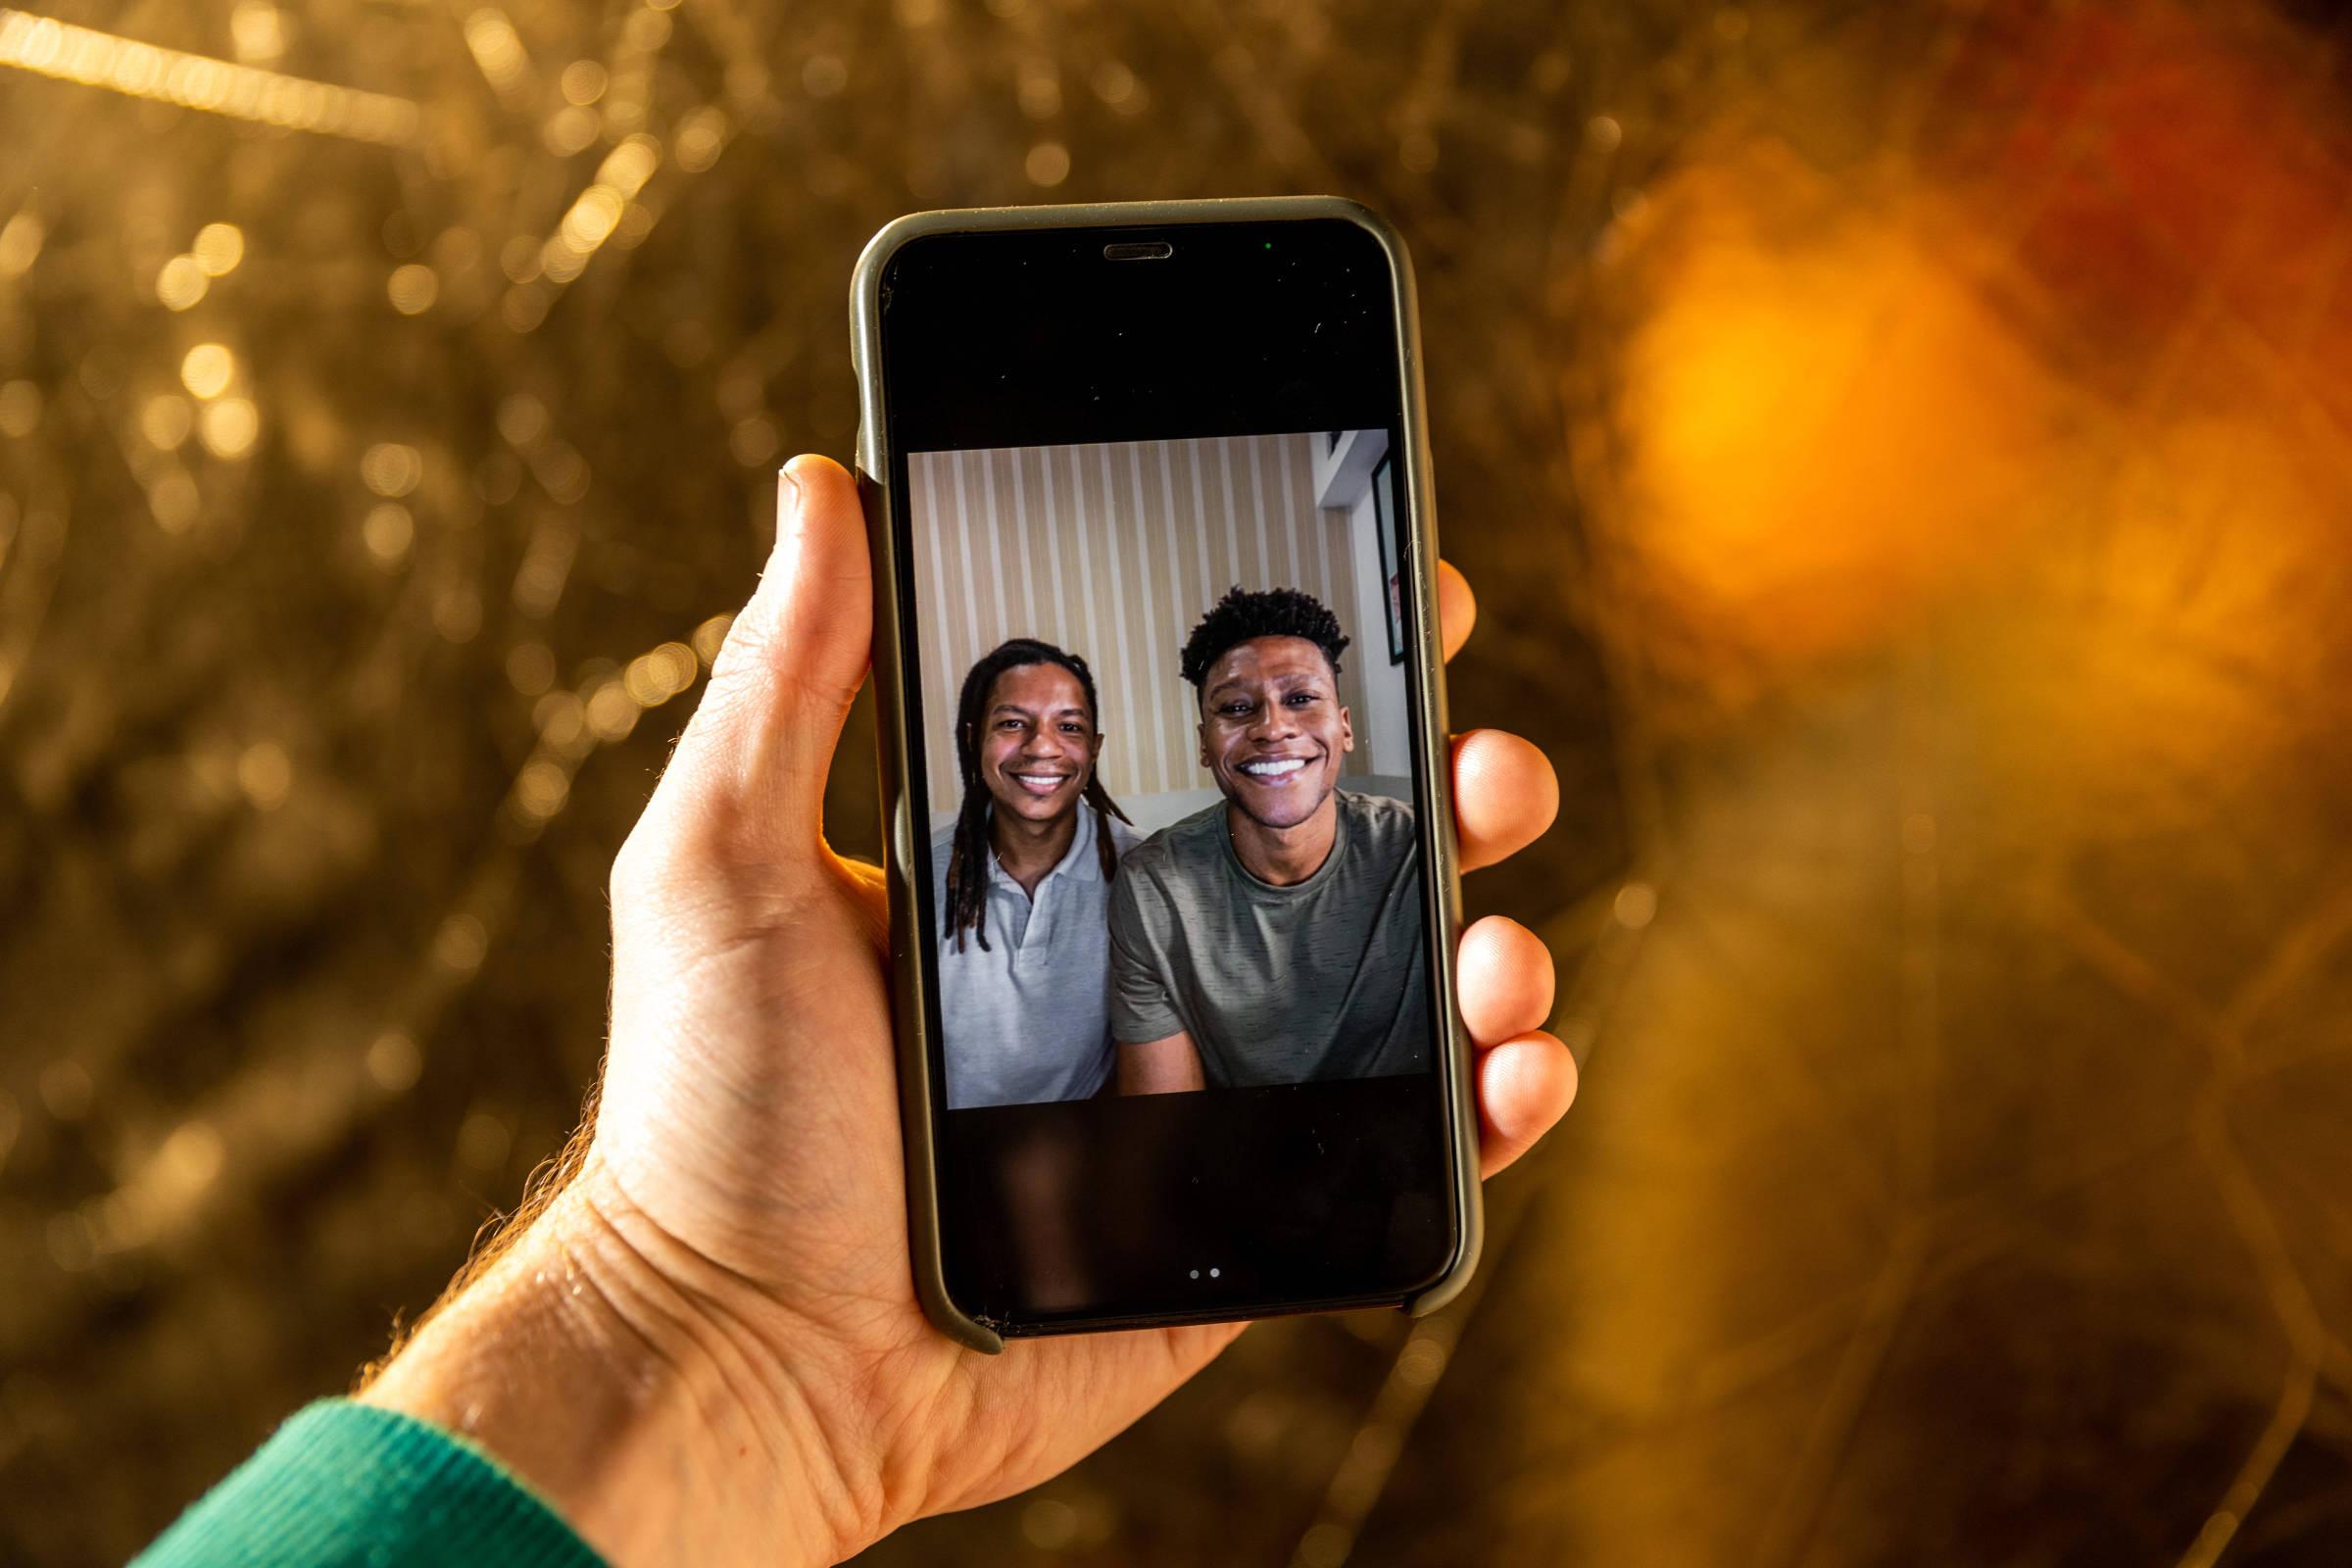 Falta de representatividade motiva casais a criar novos serviços